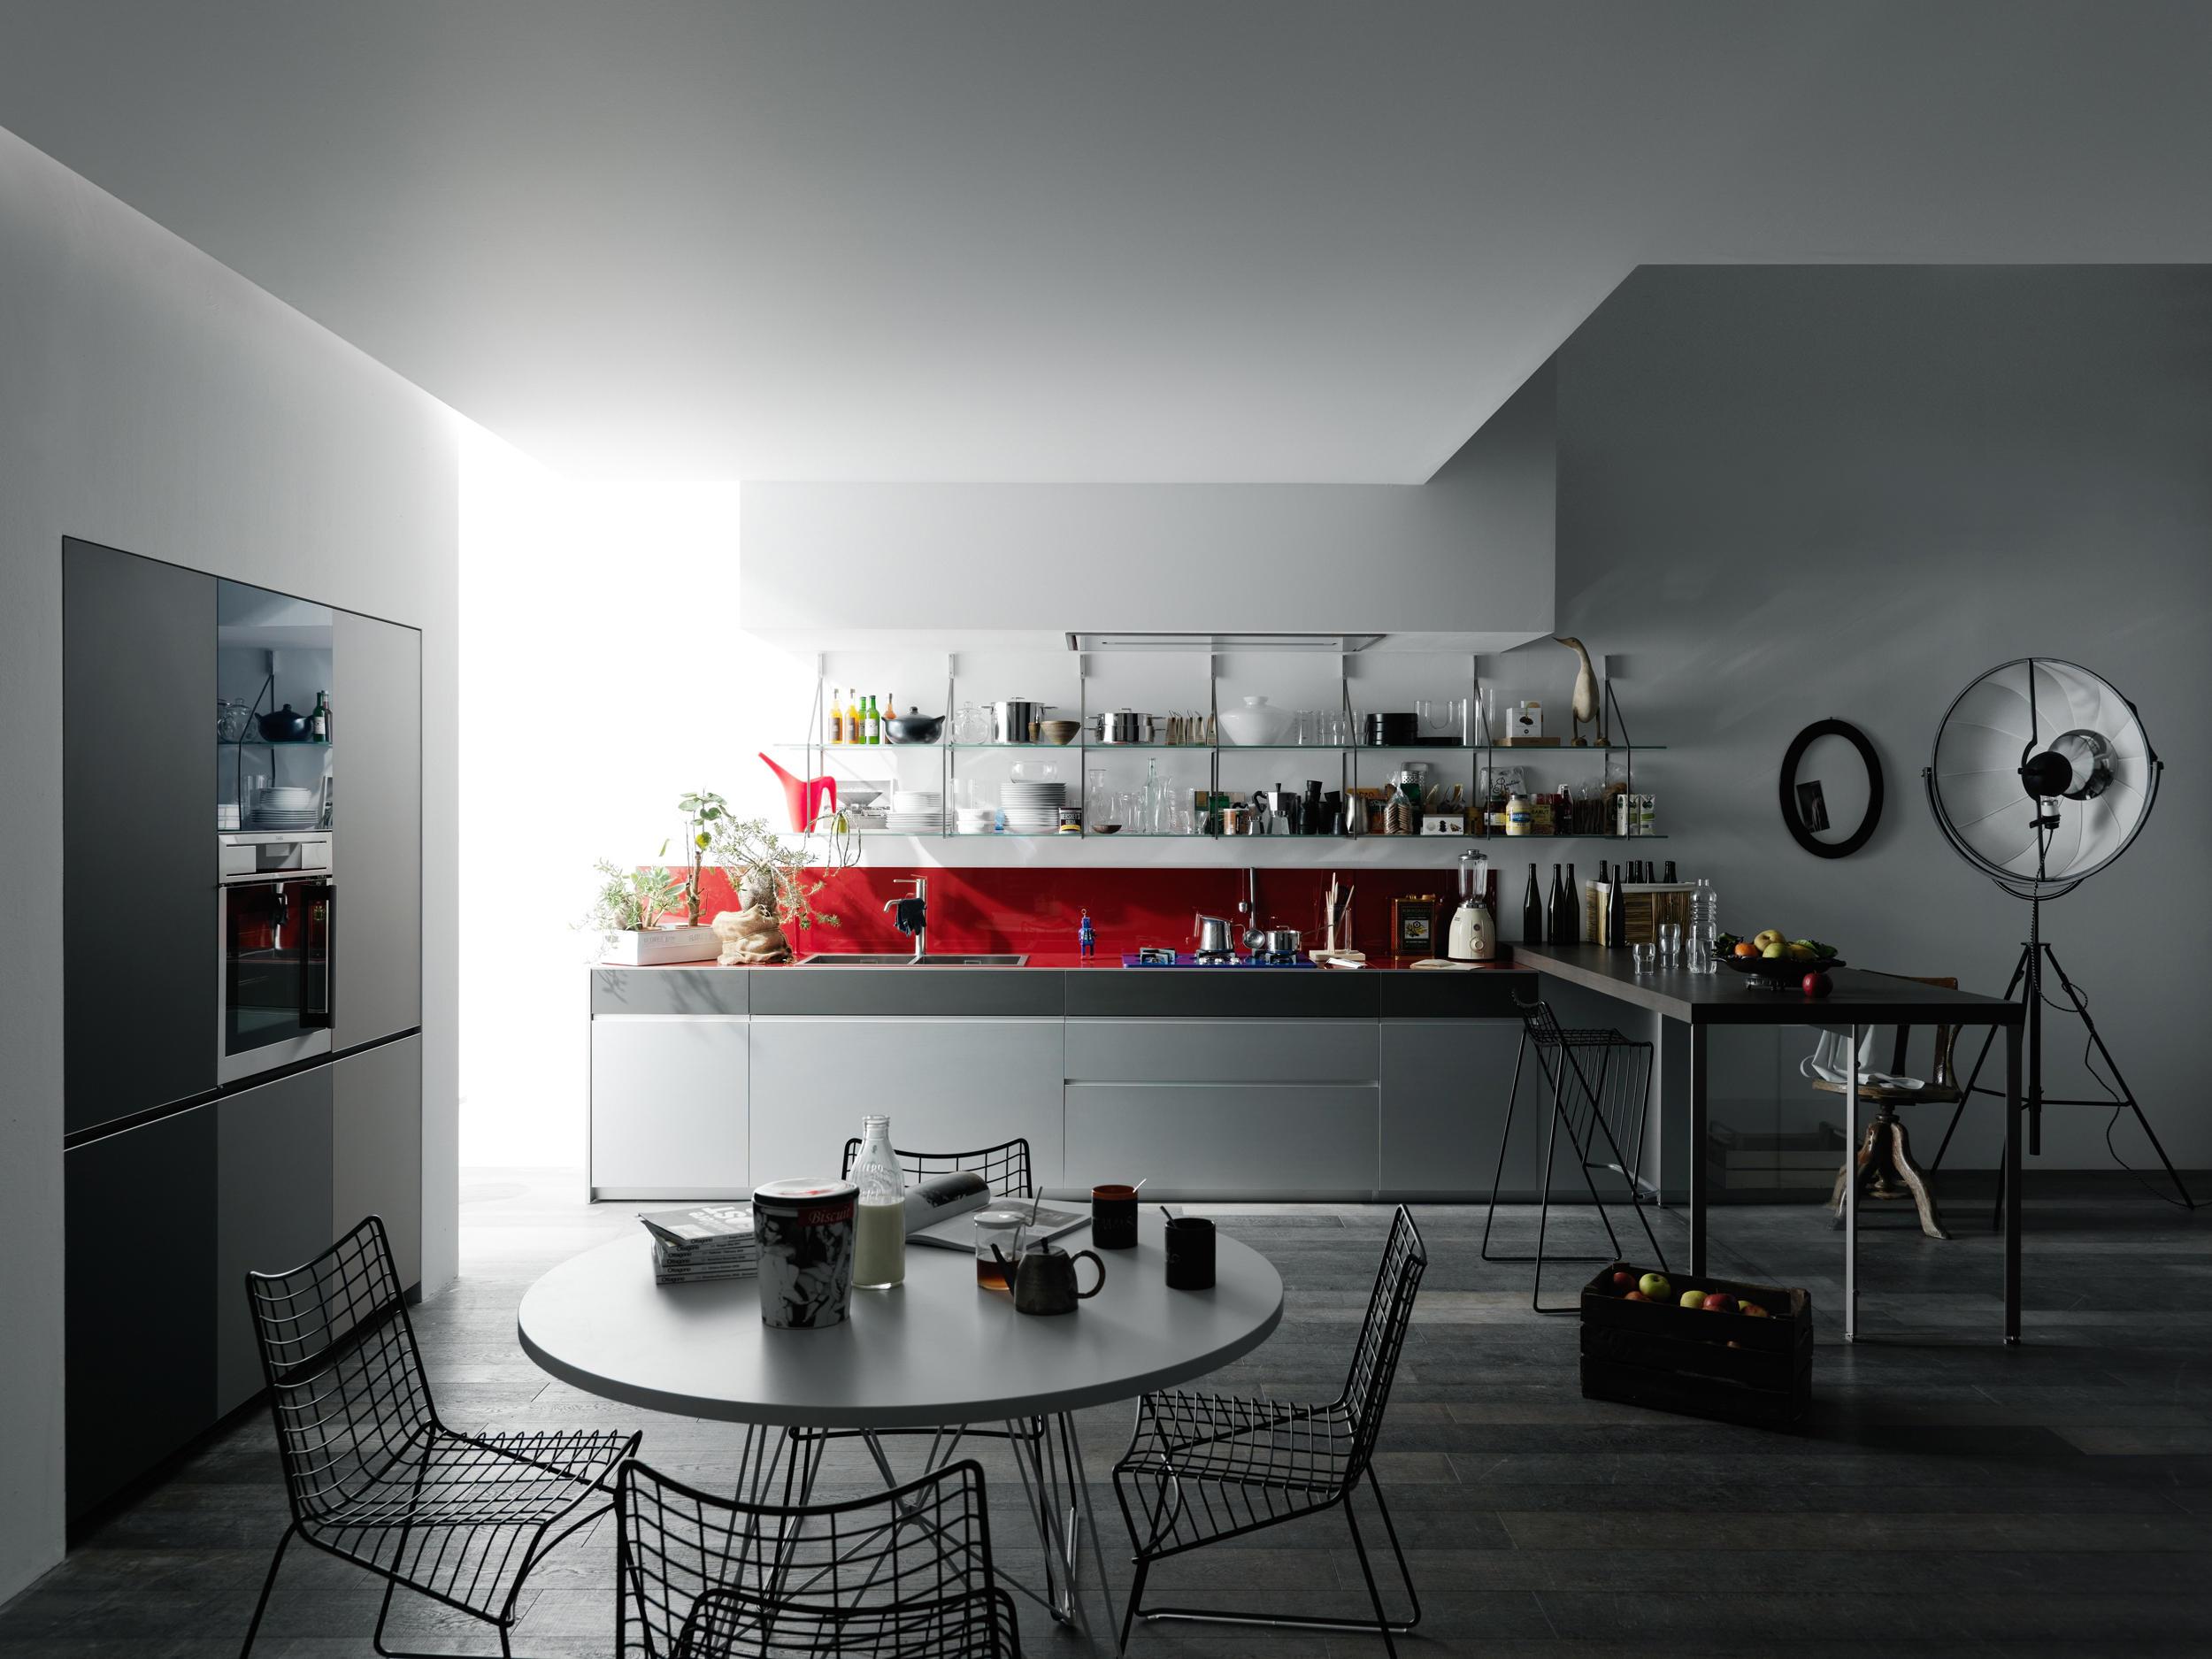 Cool integra di demode cucine a parete with demode cucine - Cucine astra opinioni ...